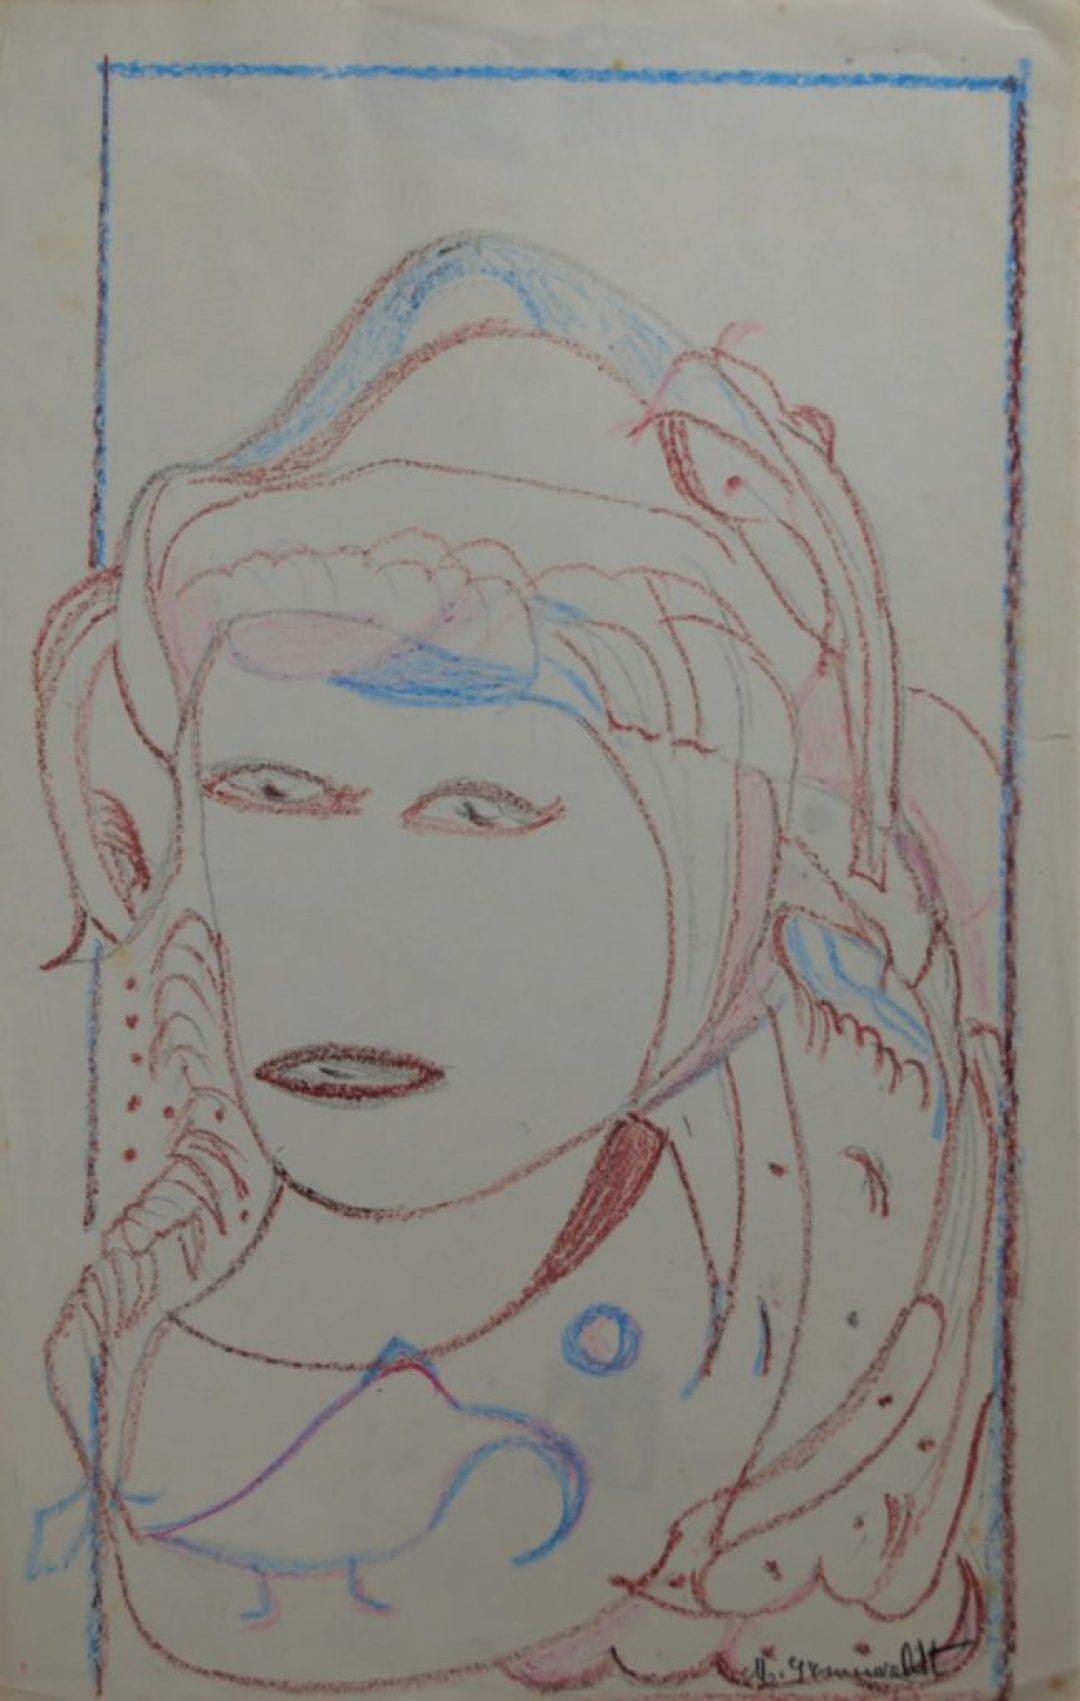 Martha Grünenwaldt, sans titre, nd, dessins aux crayons de couleur sur papier, 34 x 21,5 cm